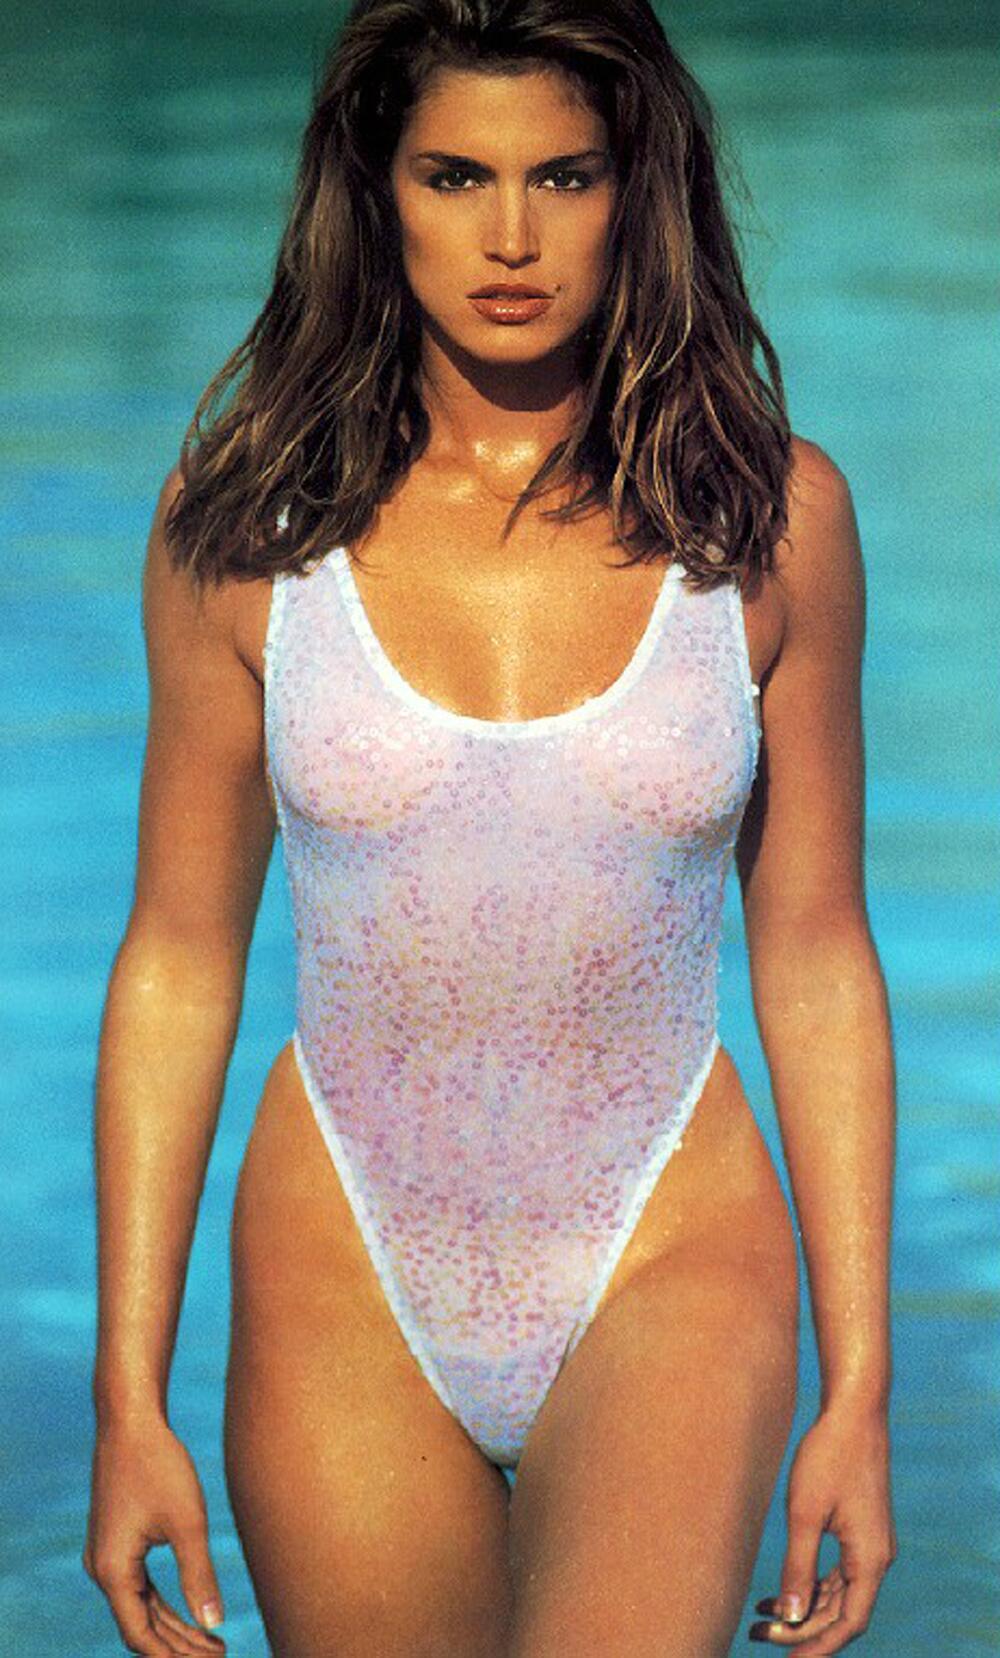 Прозрачный купальник на девушке 16 фотография